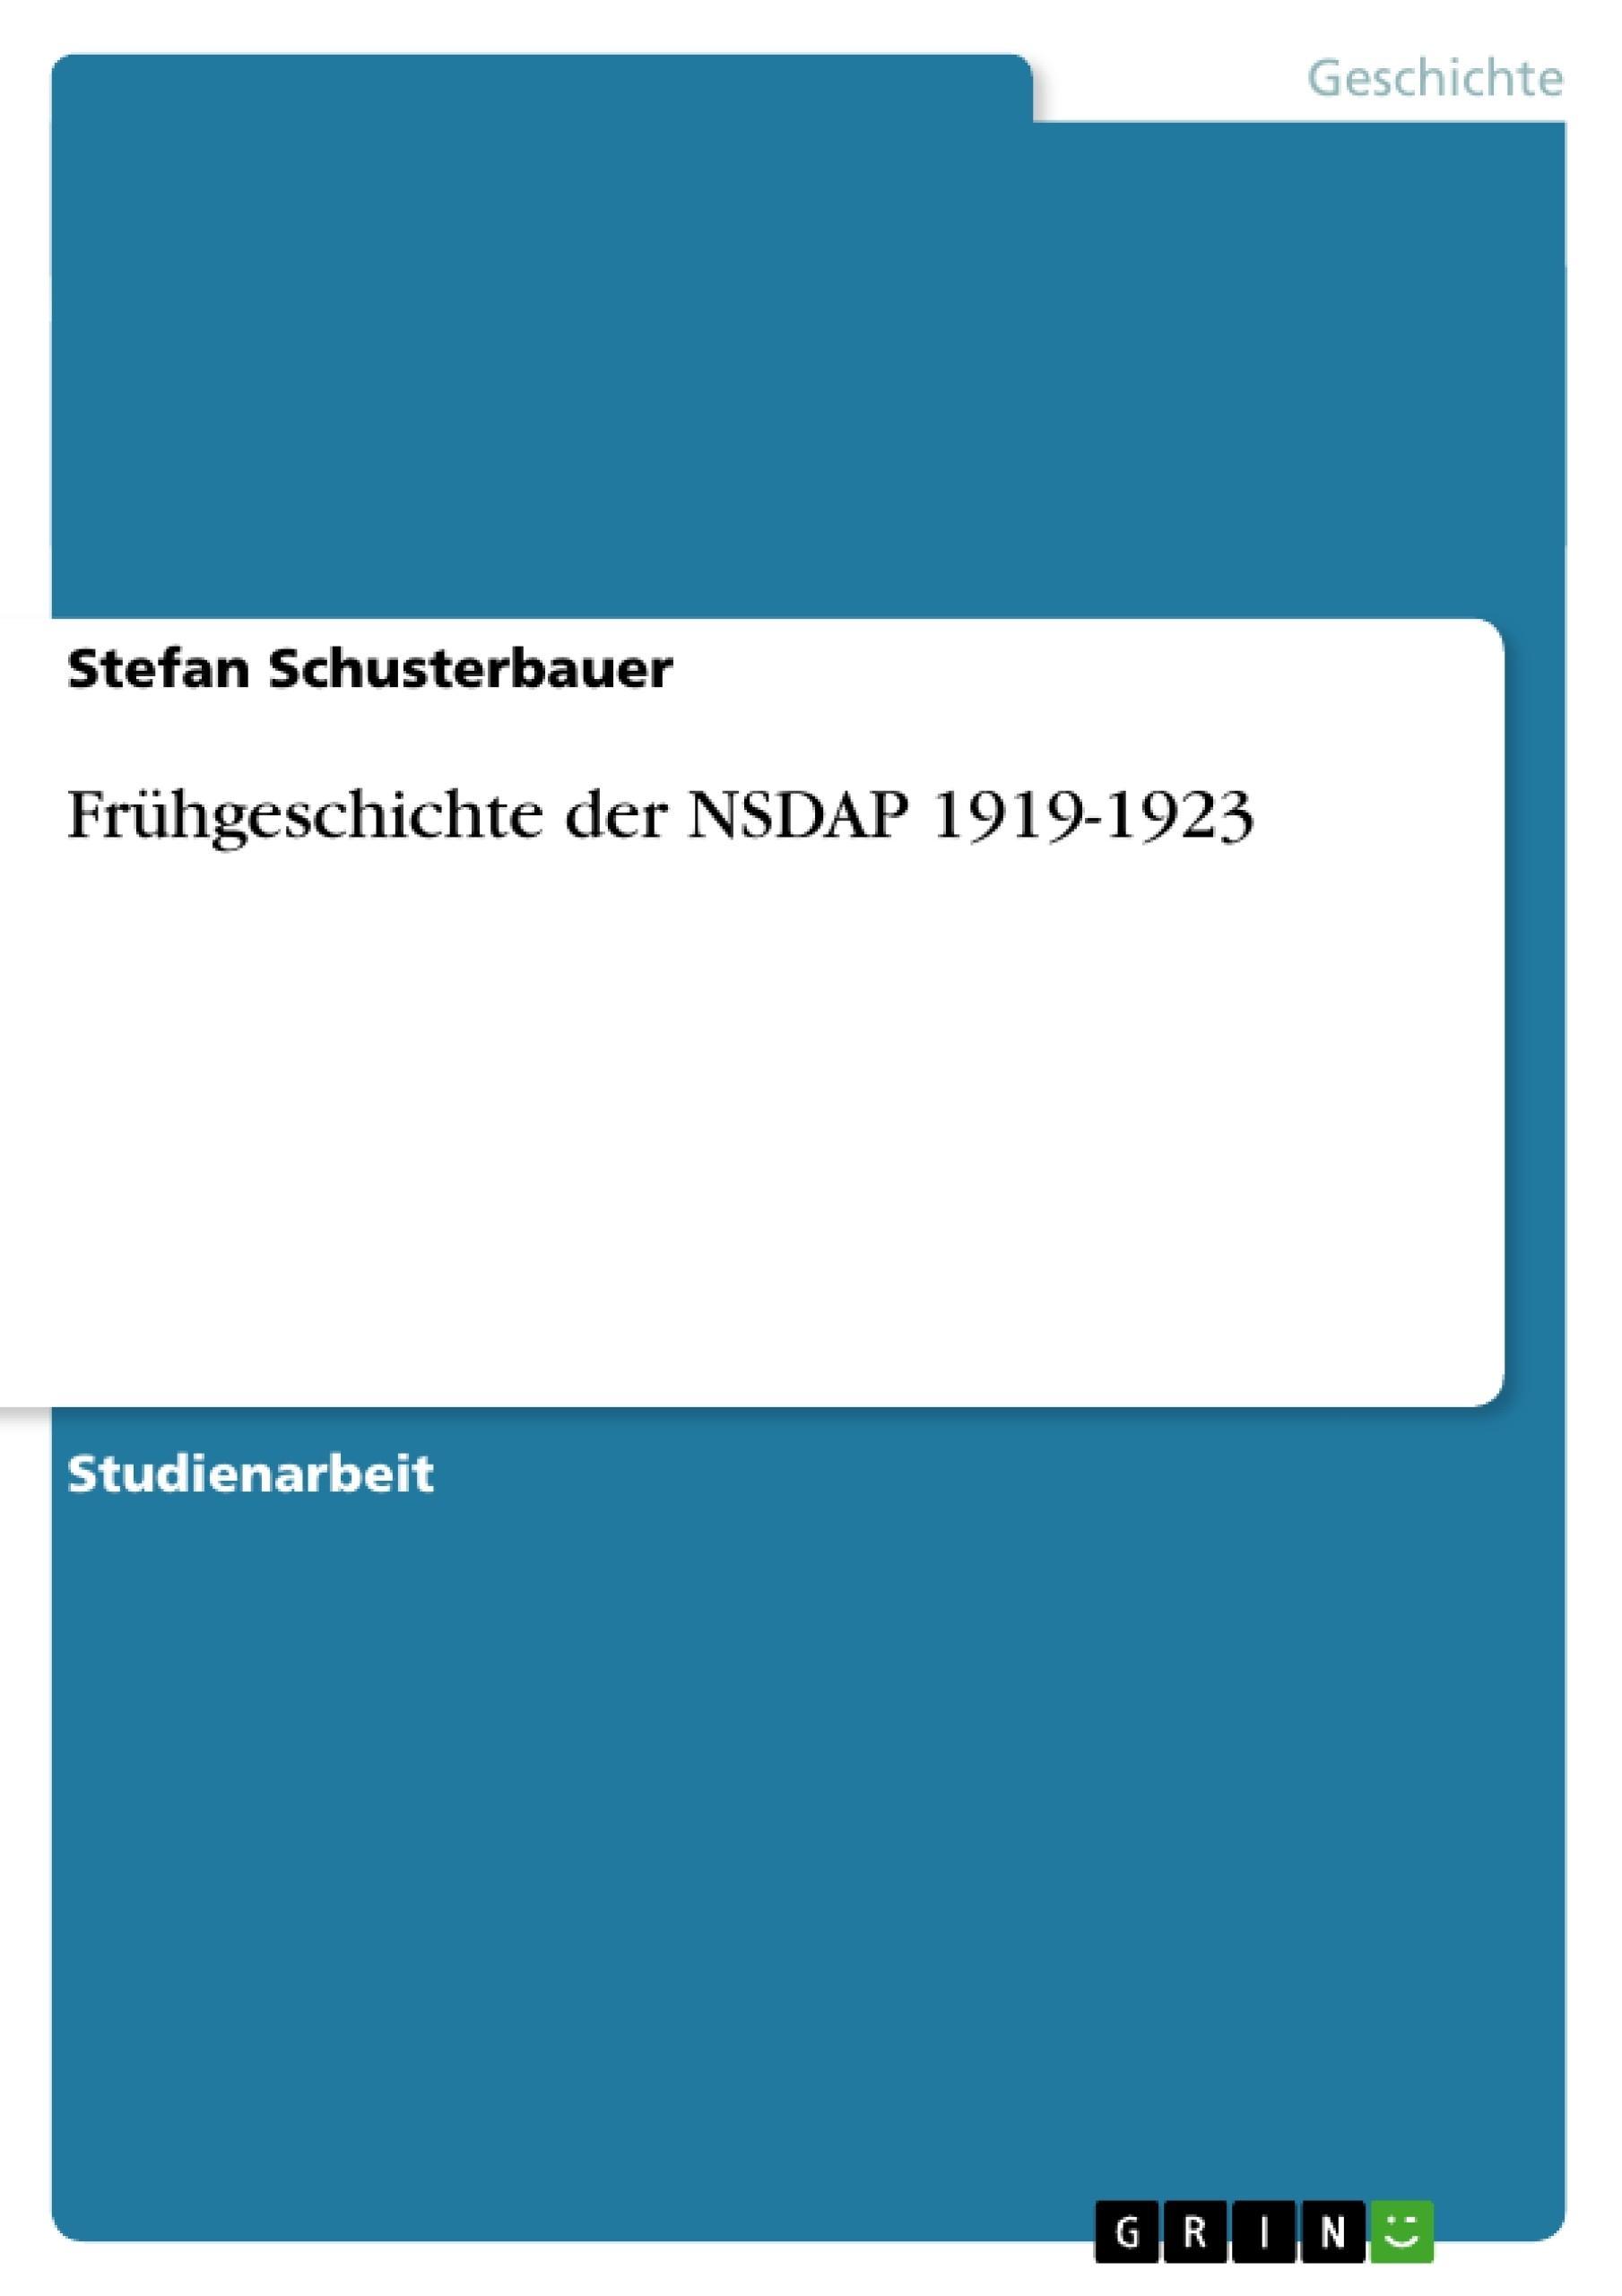 Titel: Frühgeschichte der NSDAP 1919-1923